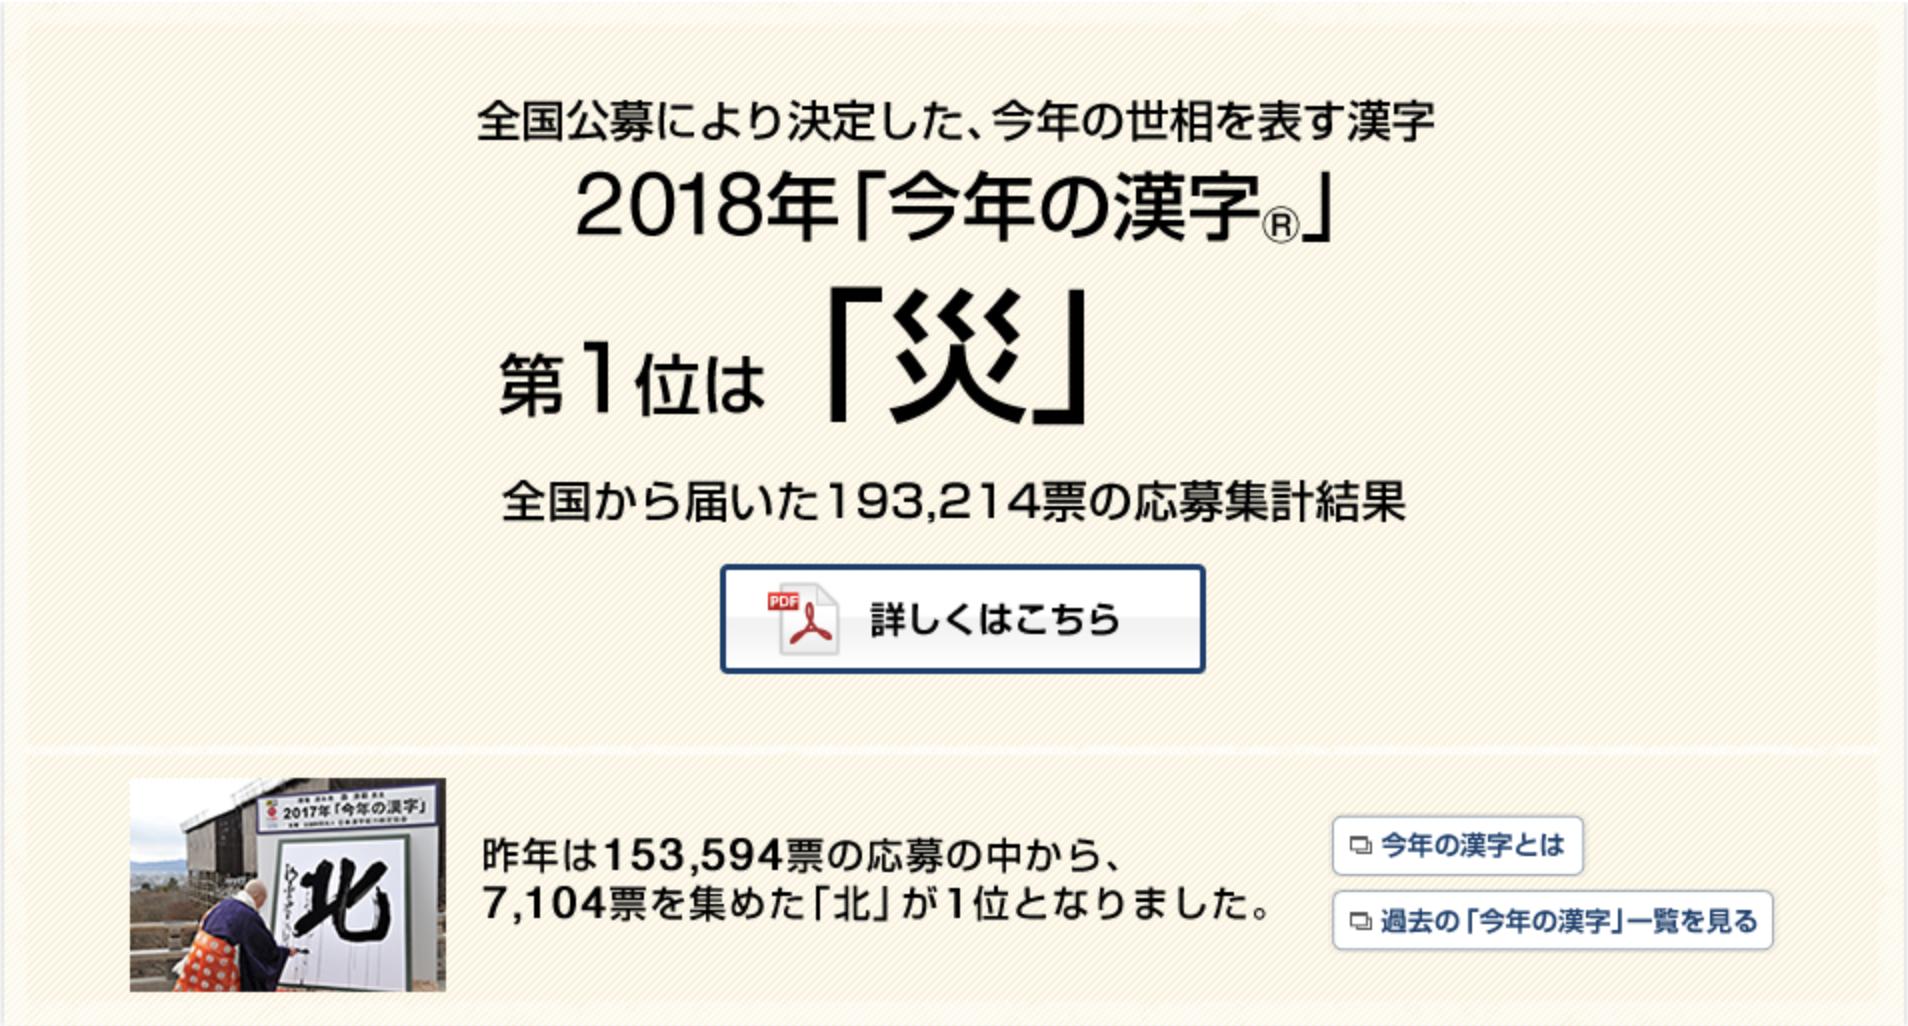 今年の漢字「災」に 災害の多い年と人々が認識